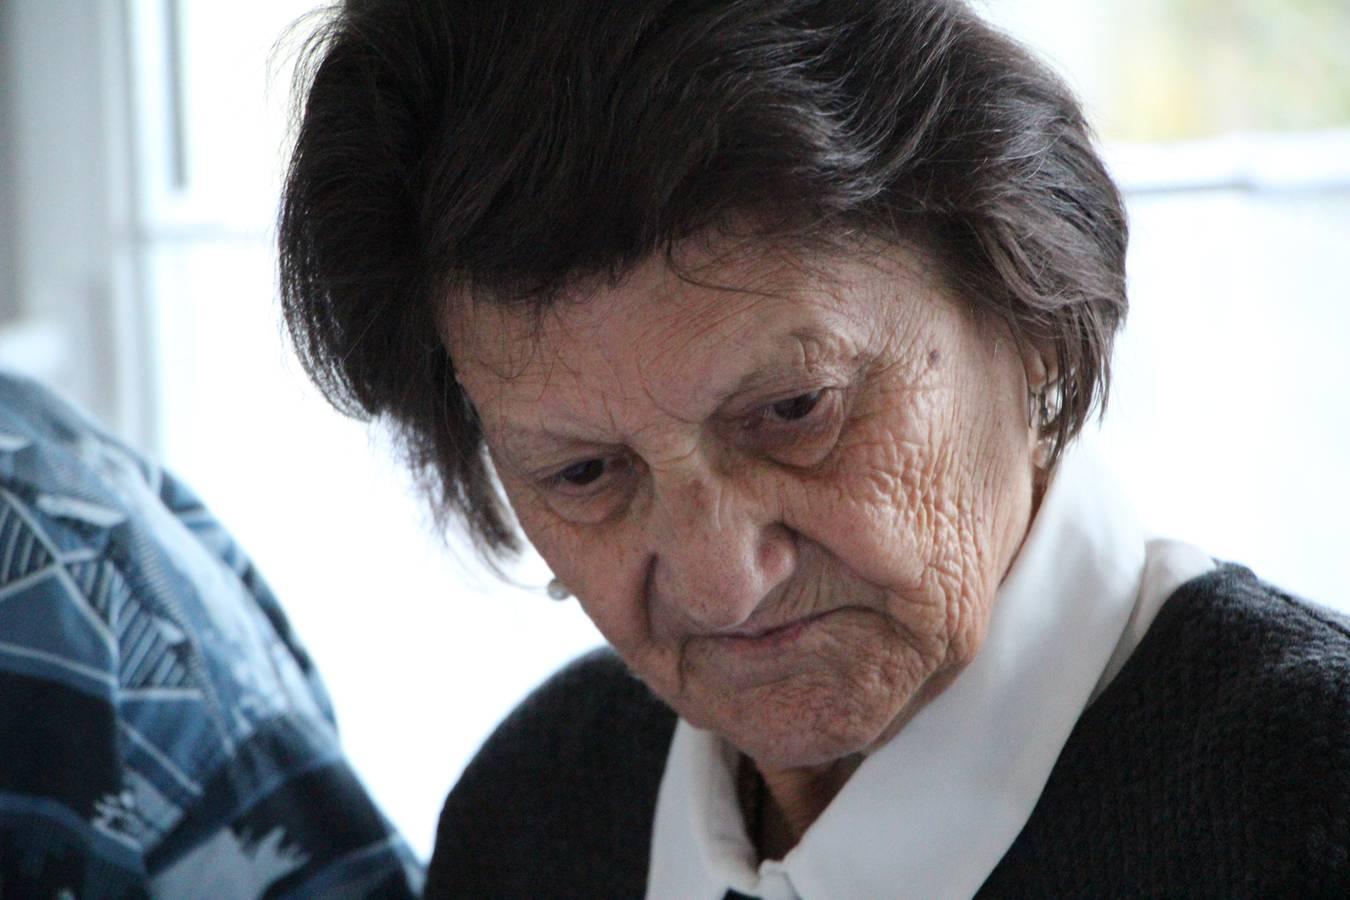 Gertrud Loher-Lüchinger, die Oma von Bachelor Patric, verfolgt jede Folge kritisch. (© Lara Abderhalden)